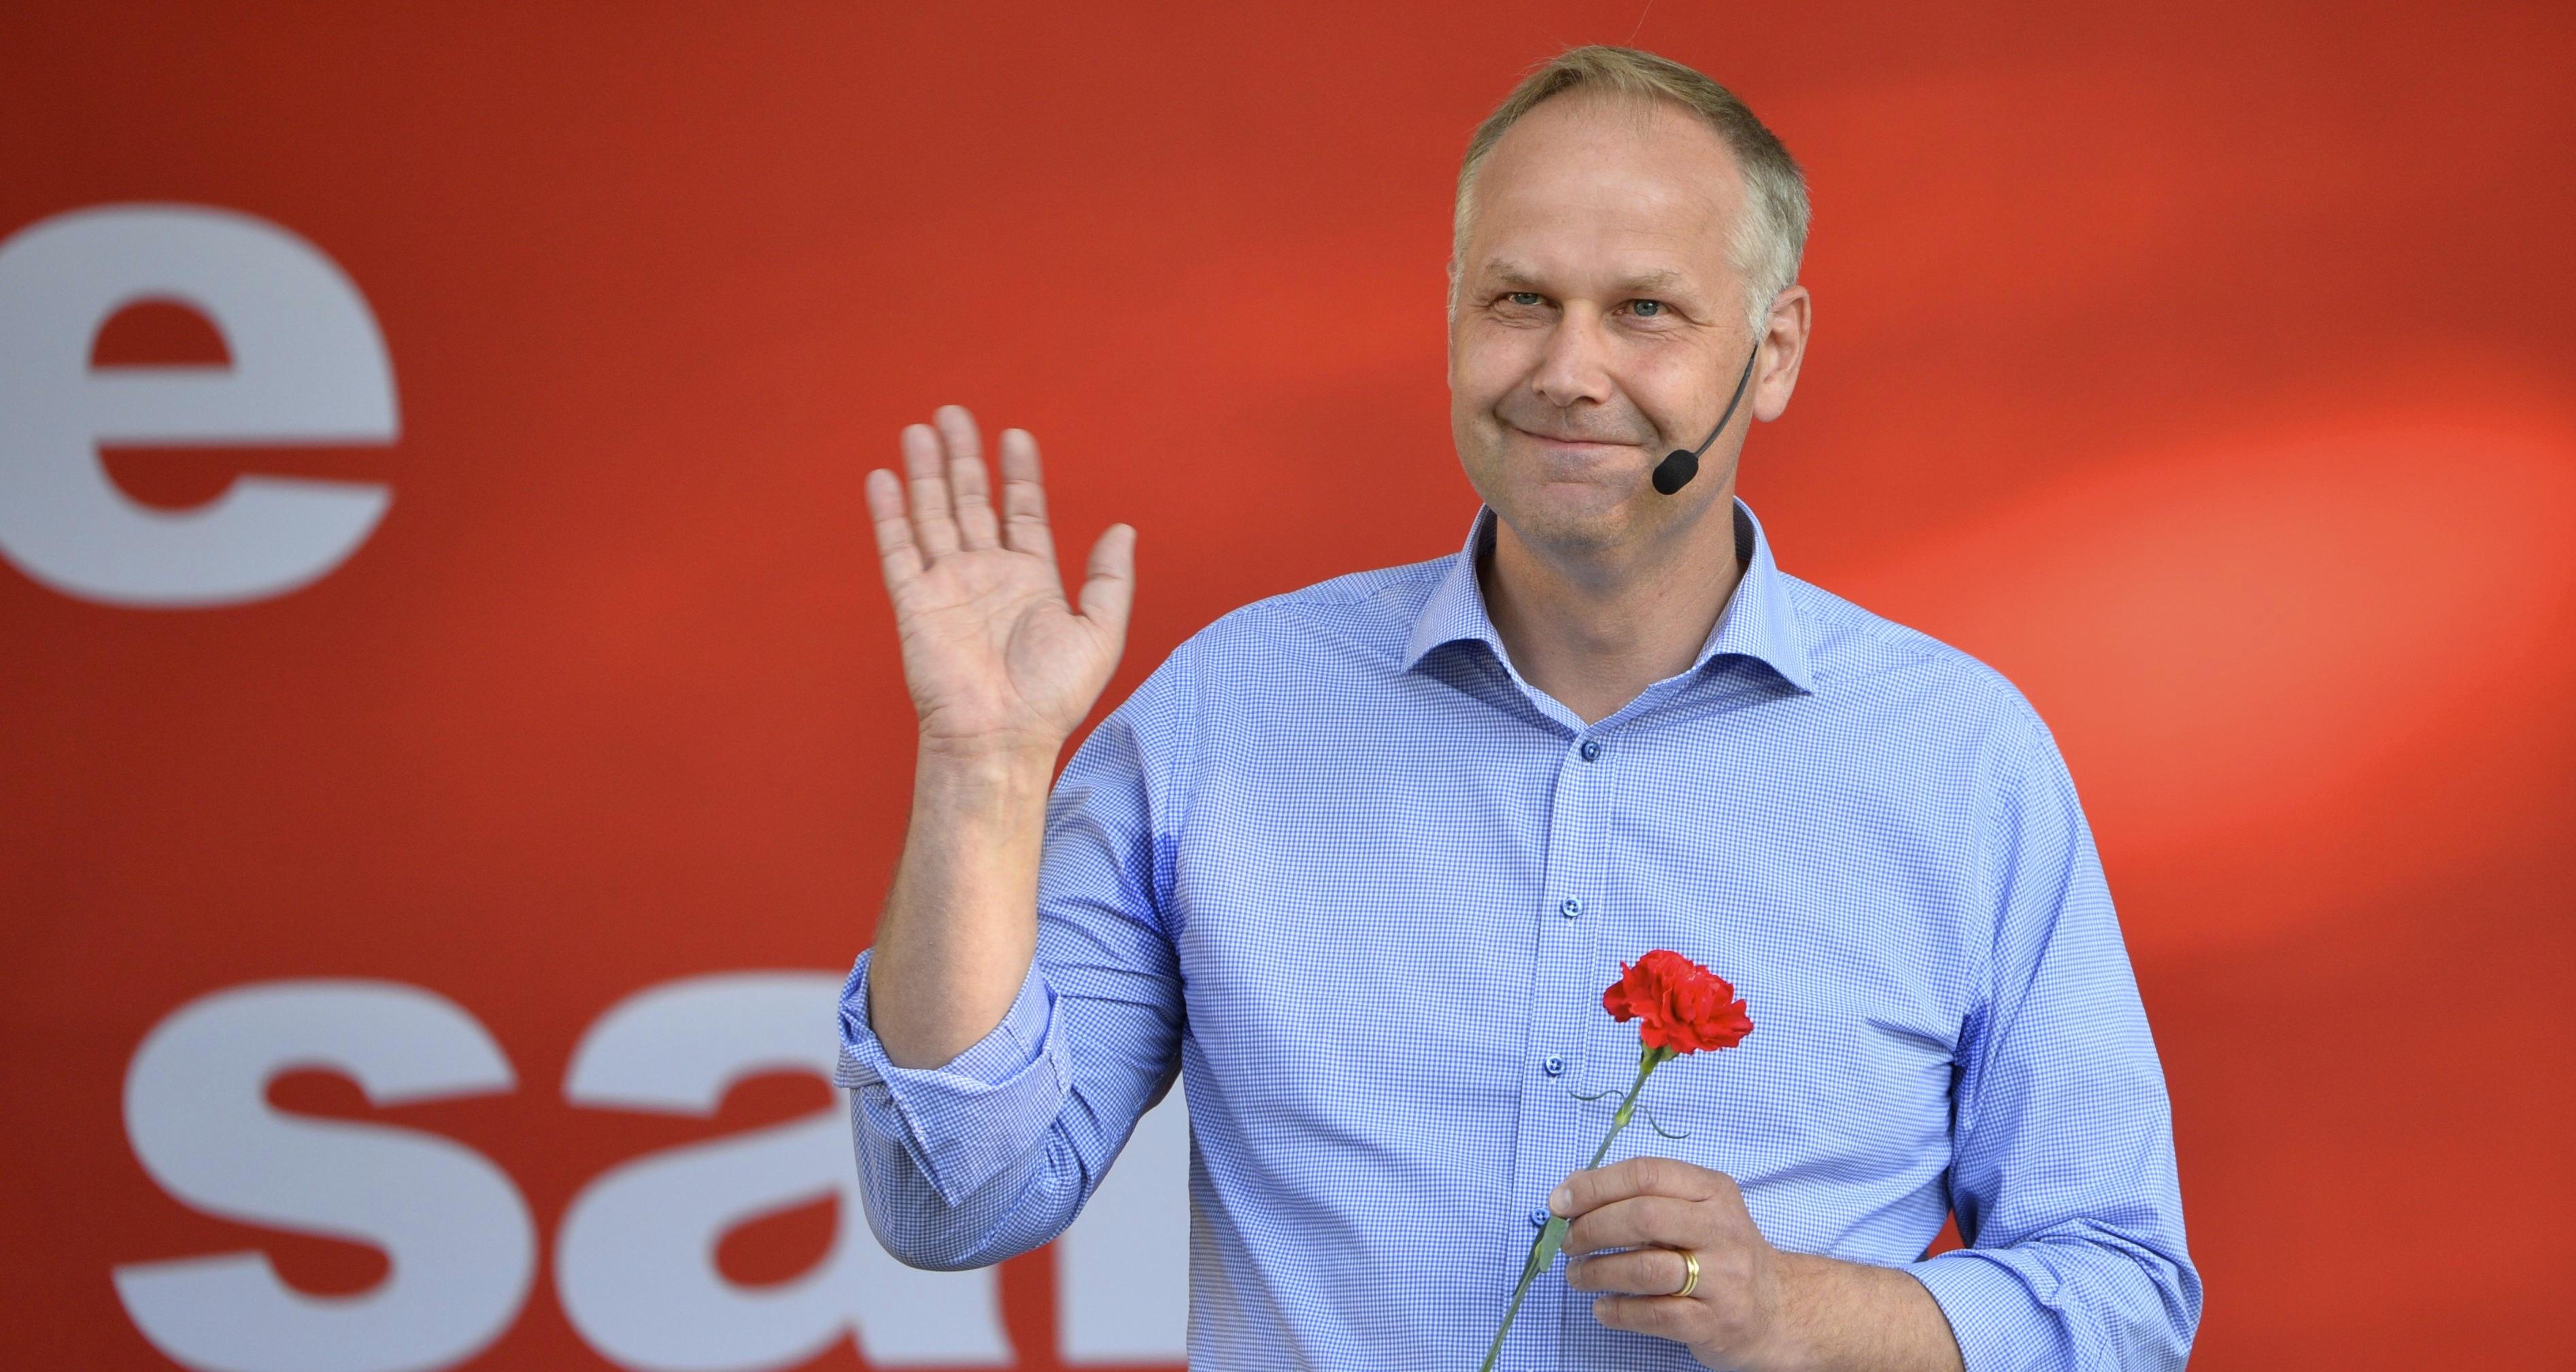 Vänsterpartiets ledare Jonas Sjöstedt pratade om politik i Almedalen. Foto: Henrik Montgomery/TT